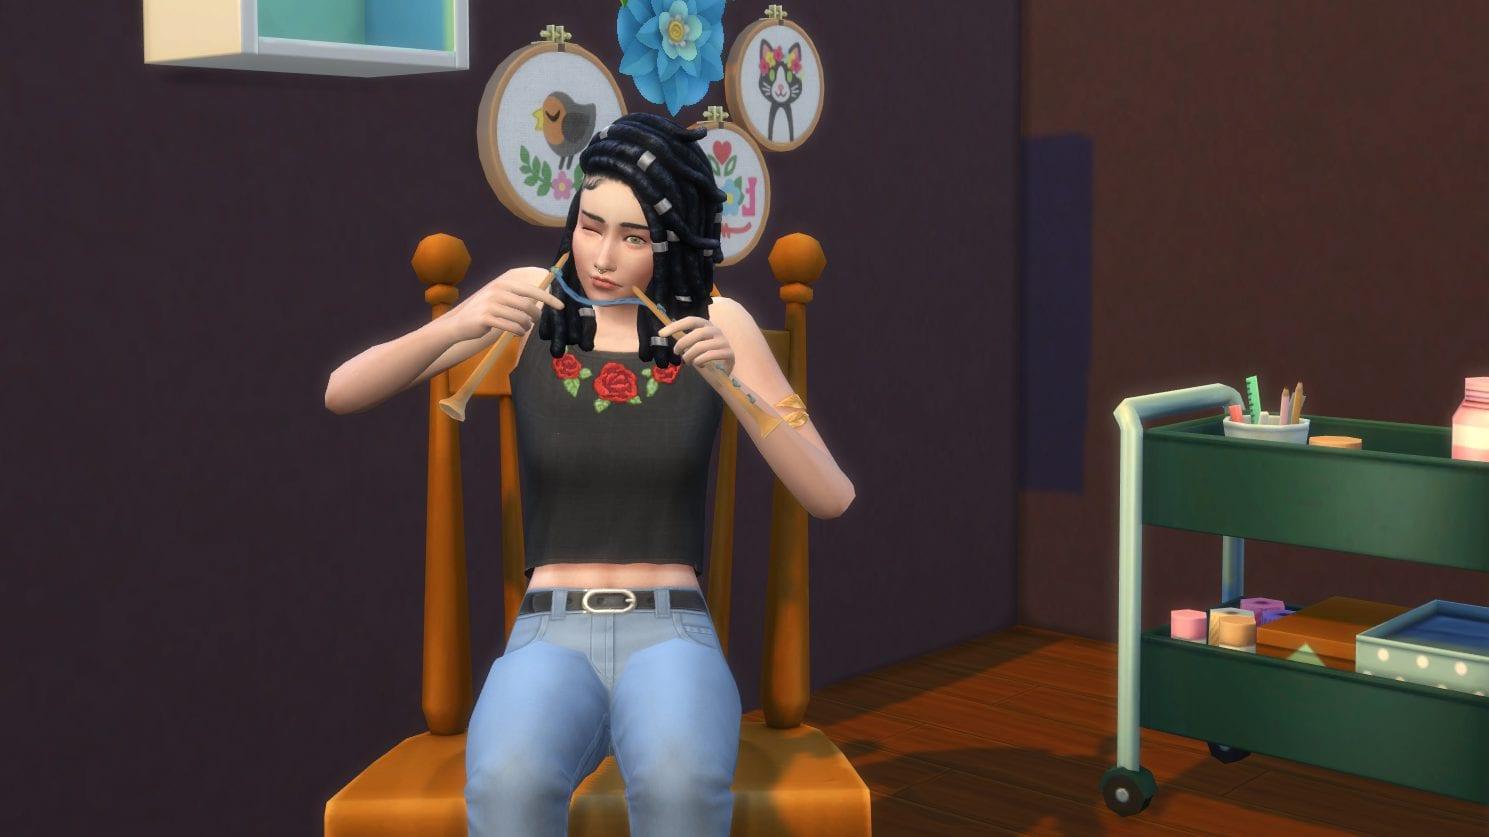 Die Sims 4 Schick mit Strick Schaukelstuhl